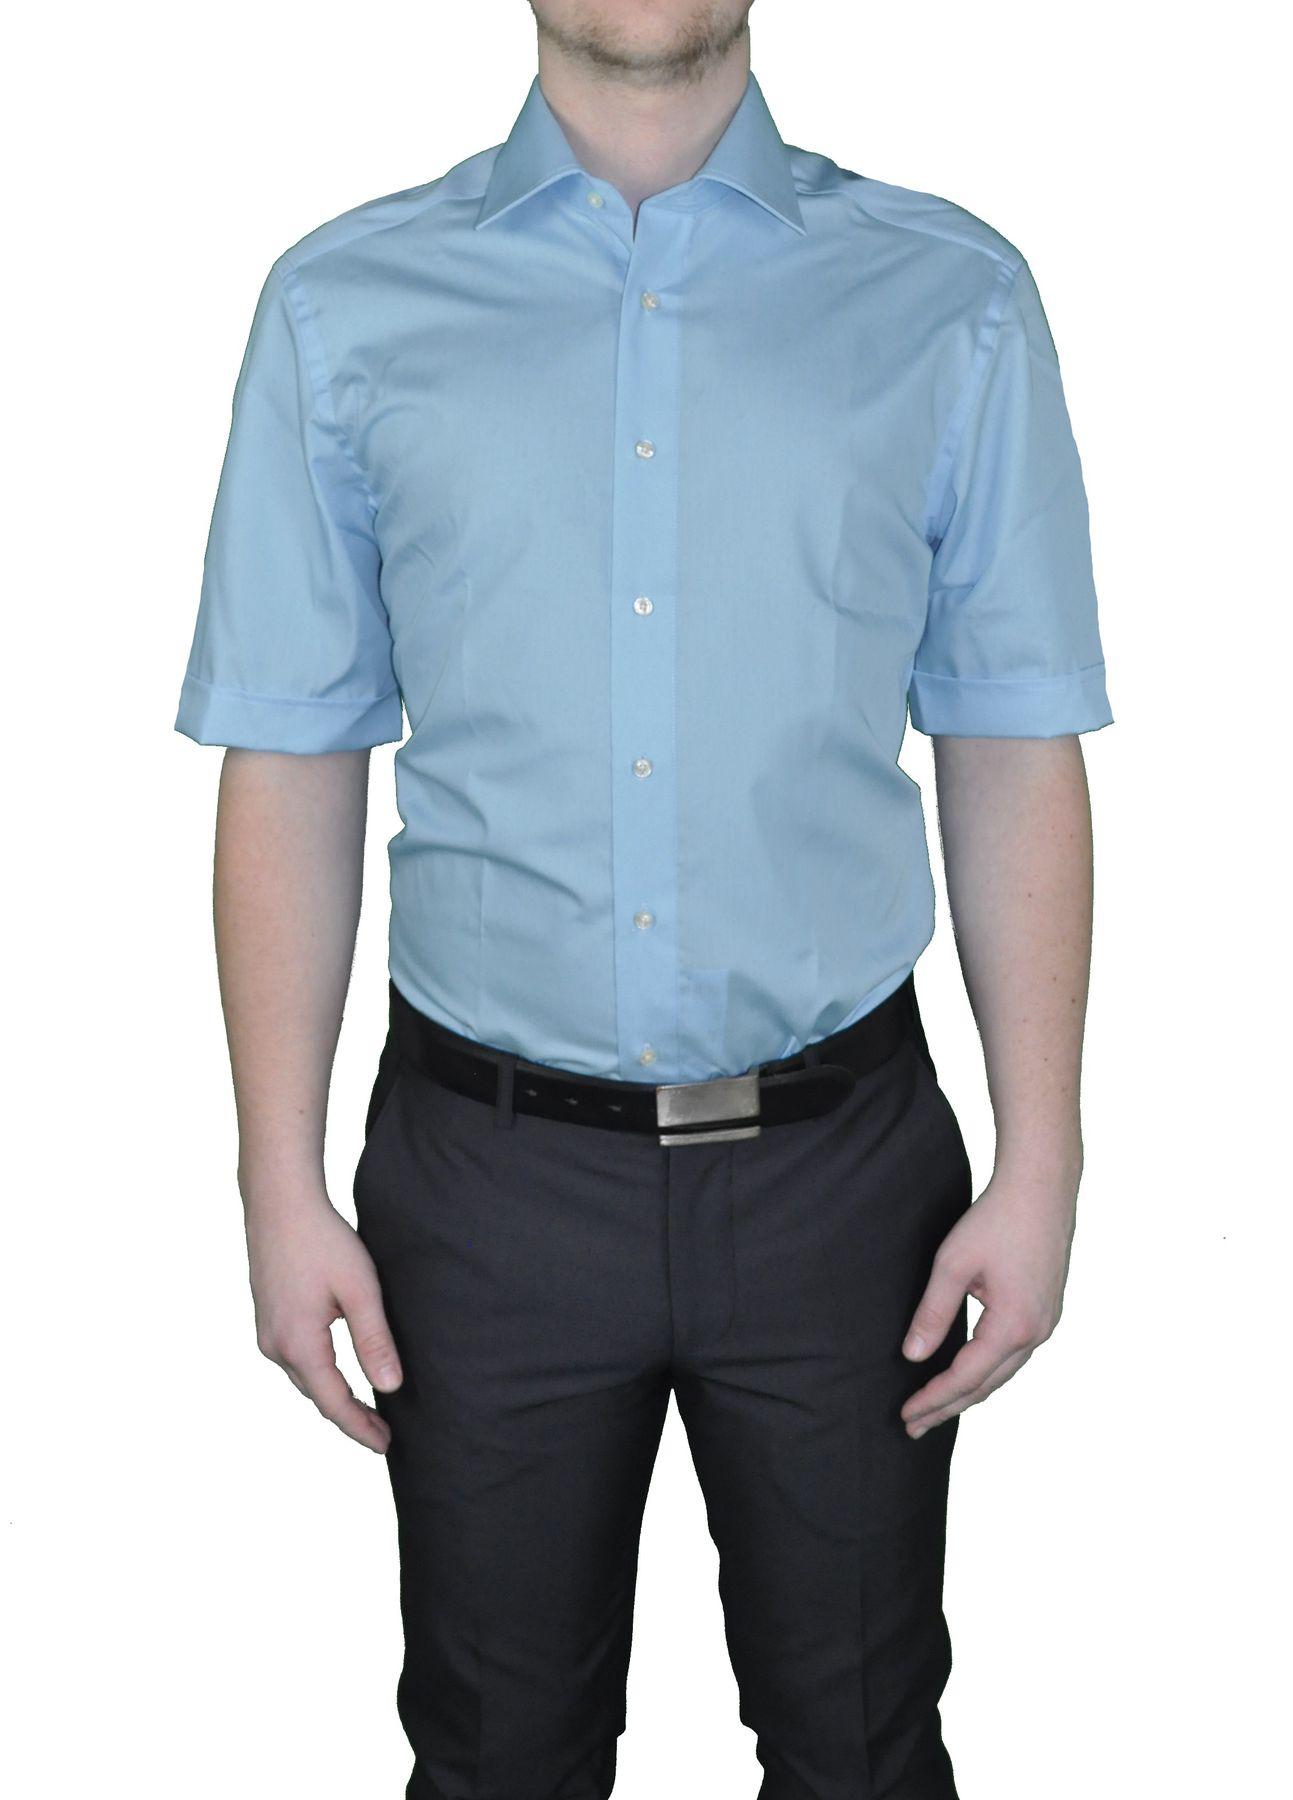 Bügelfreies Modern fit Herren Kurzarm Hemd - Body Cut -  in verschiedenen Farben Marke Redmond (150910) – Bild 4